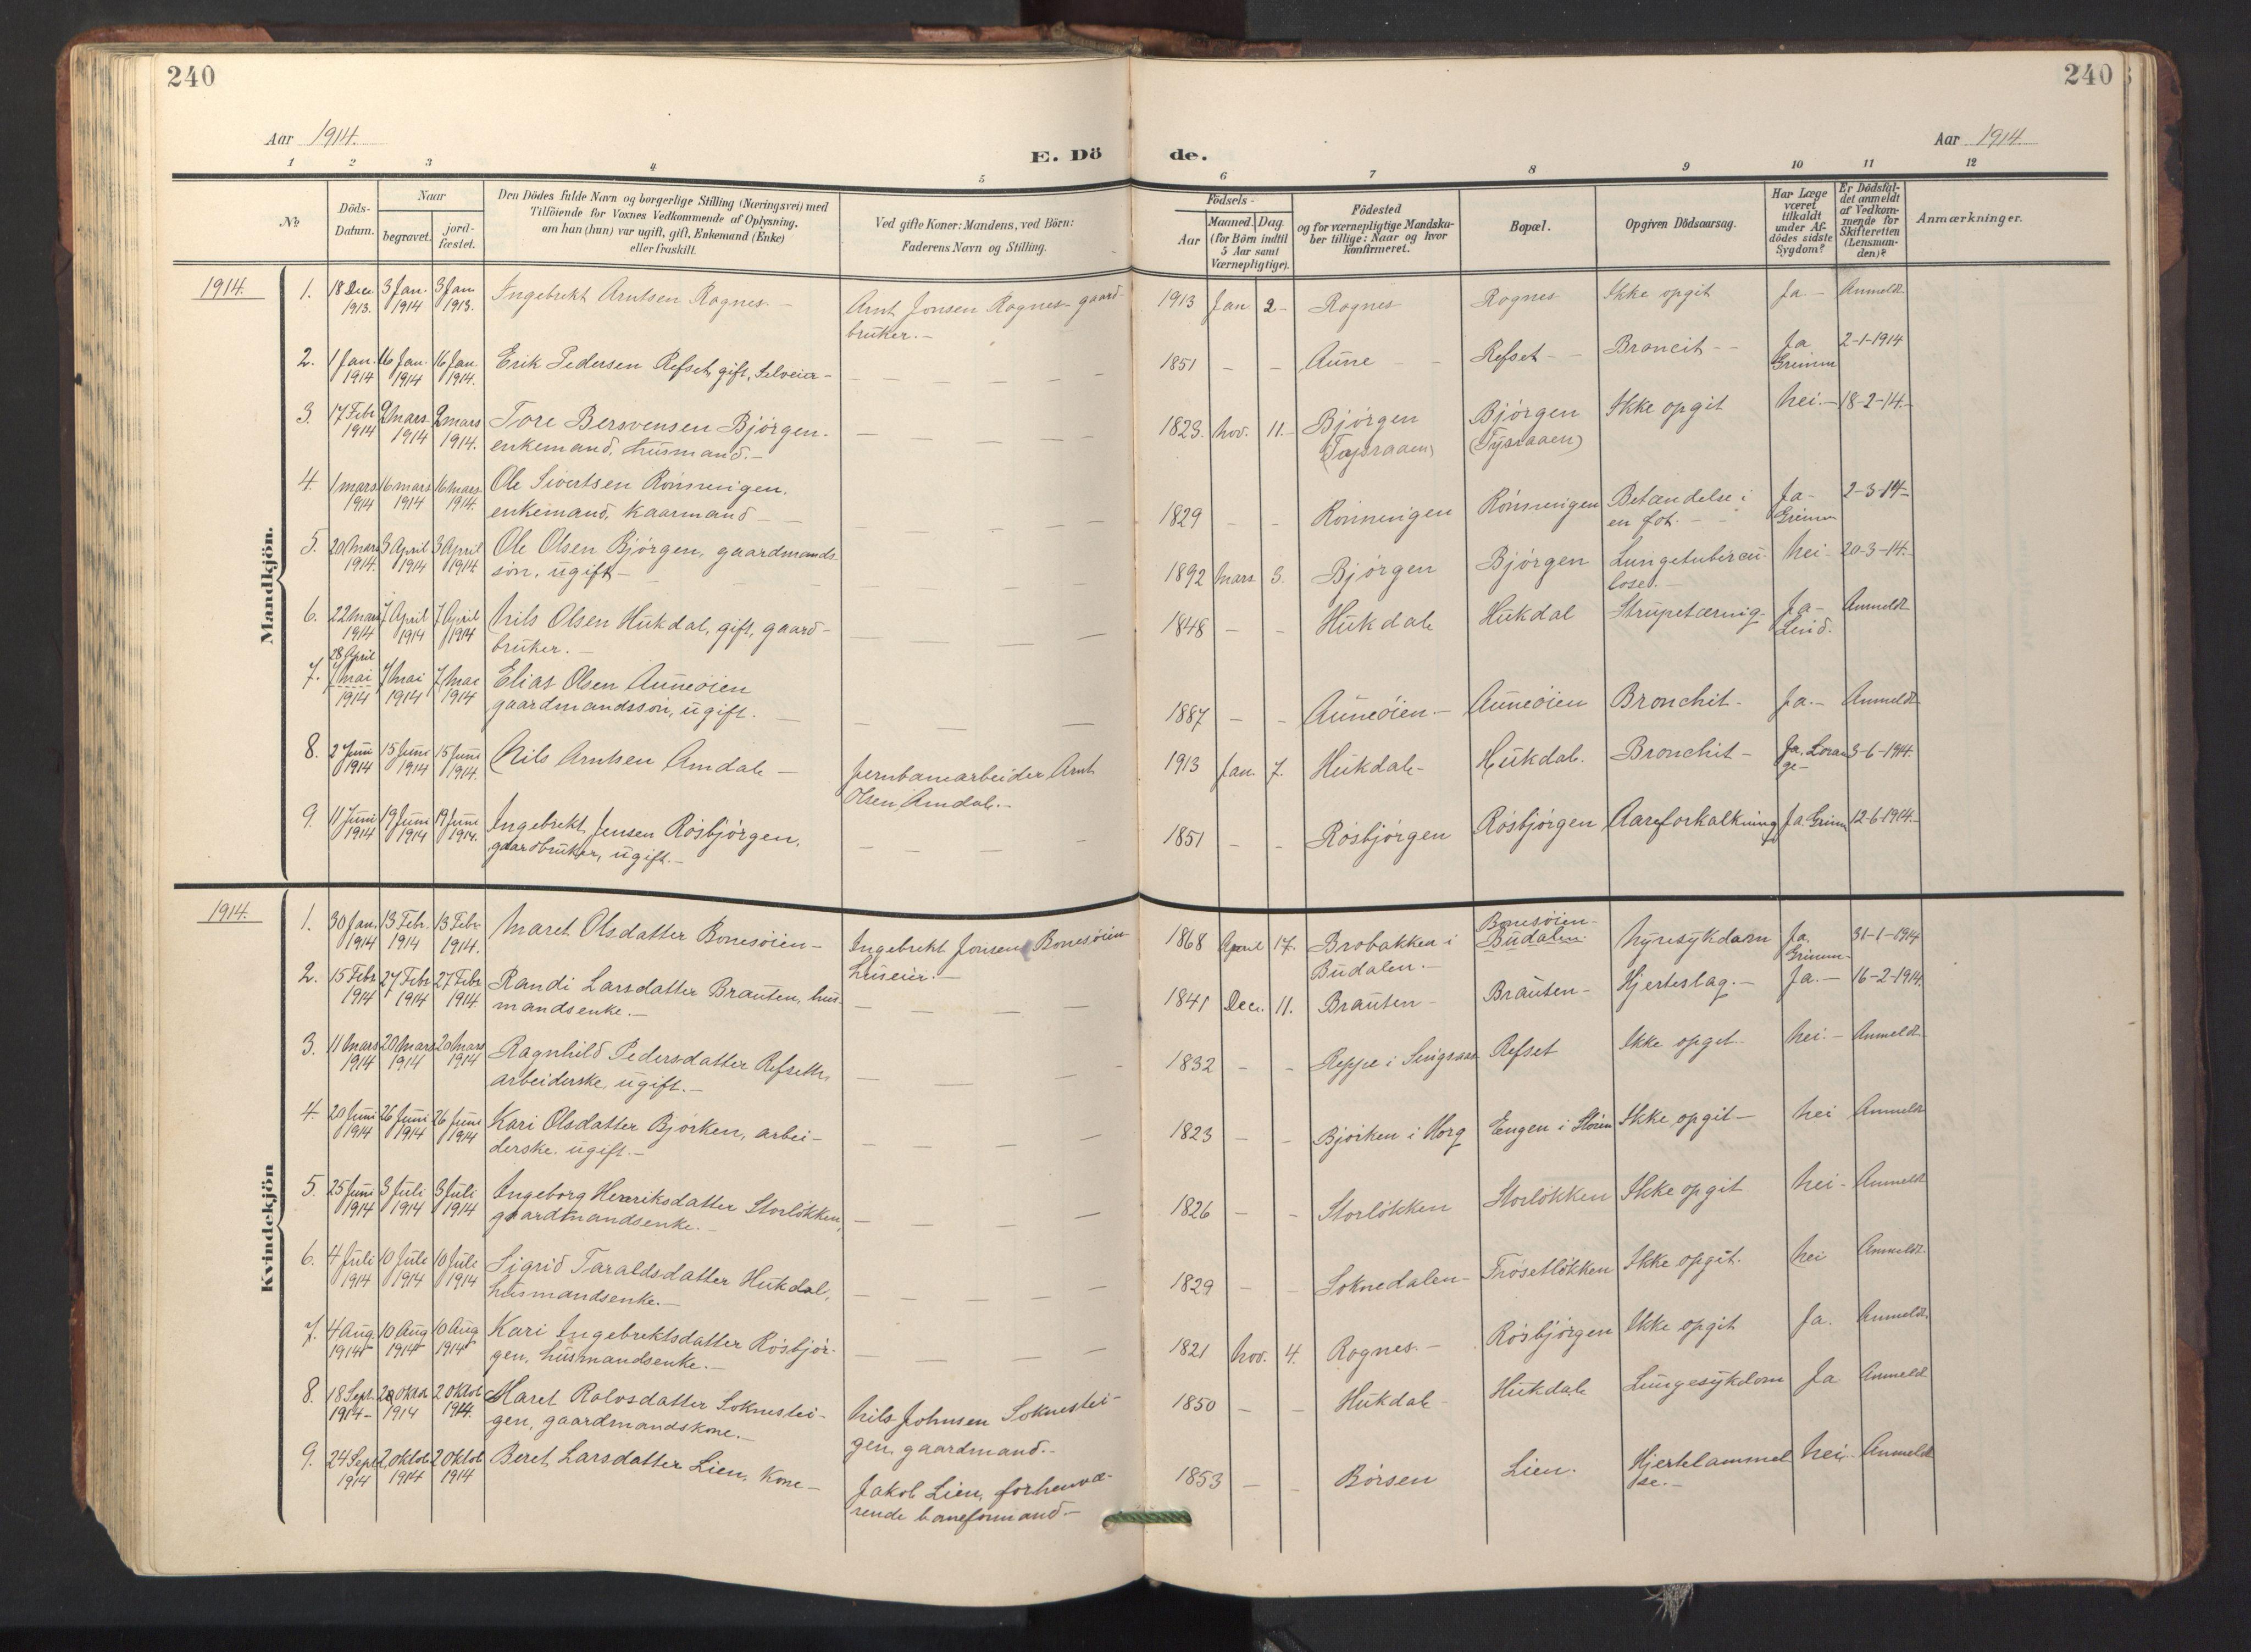 SAT, Ministerialprotokoller, klokkerbøker og fødselsregistre - Sør-Trøndelag, 687/L1019: Klokkerbok nr. 687C03, 1904-1931, s. 240